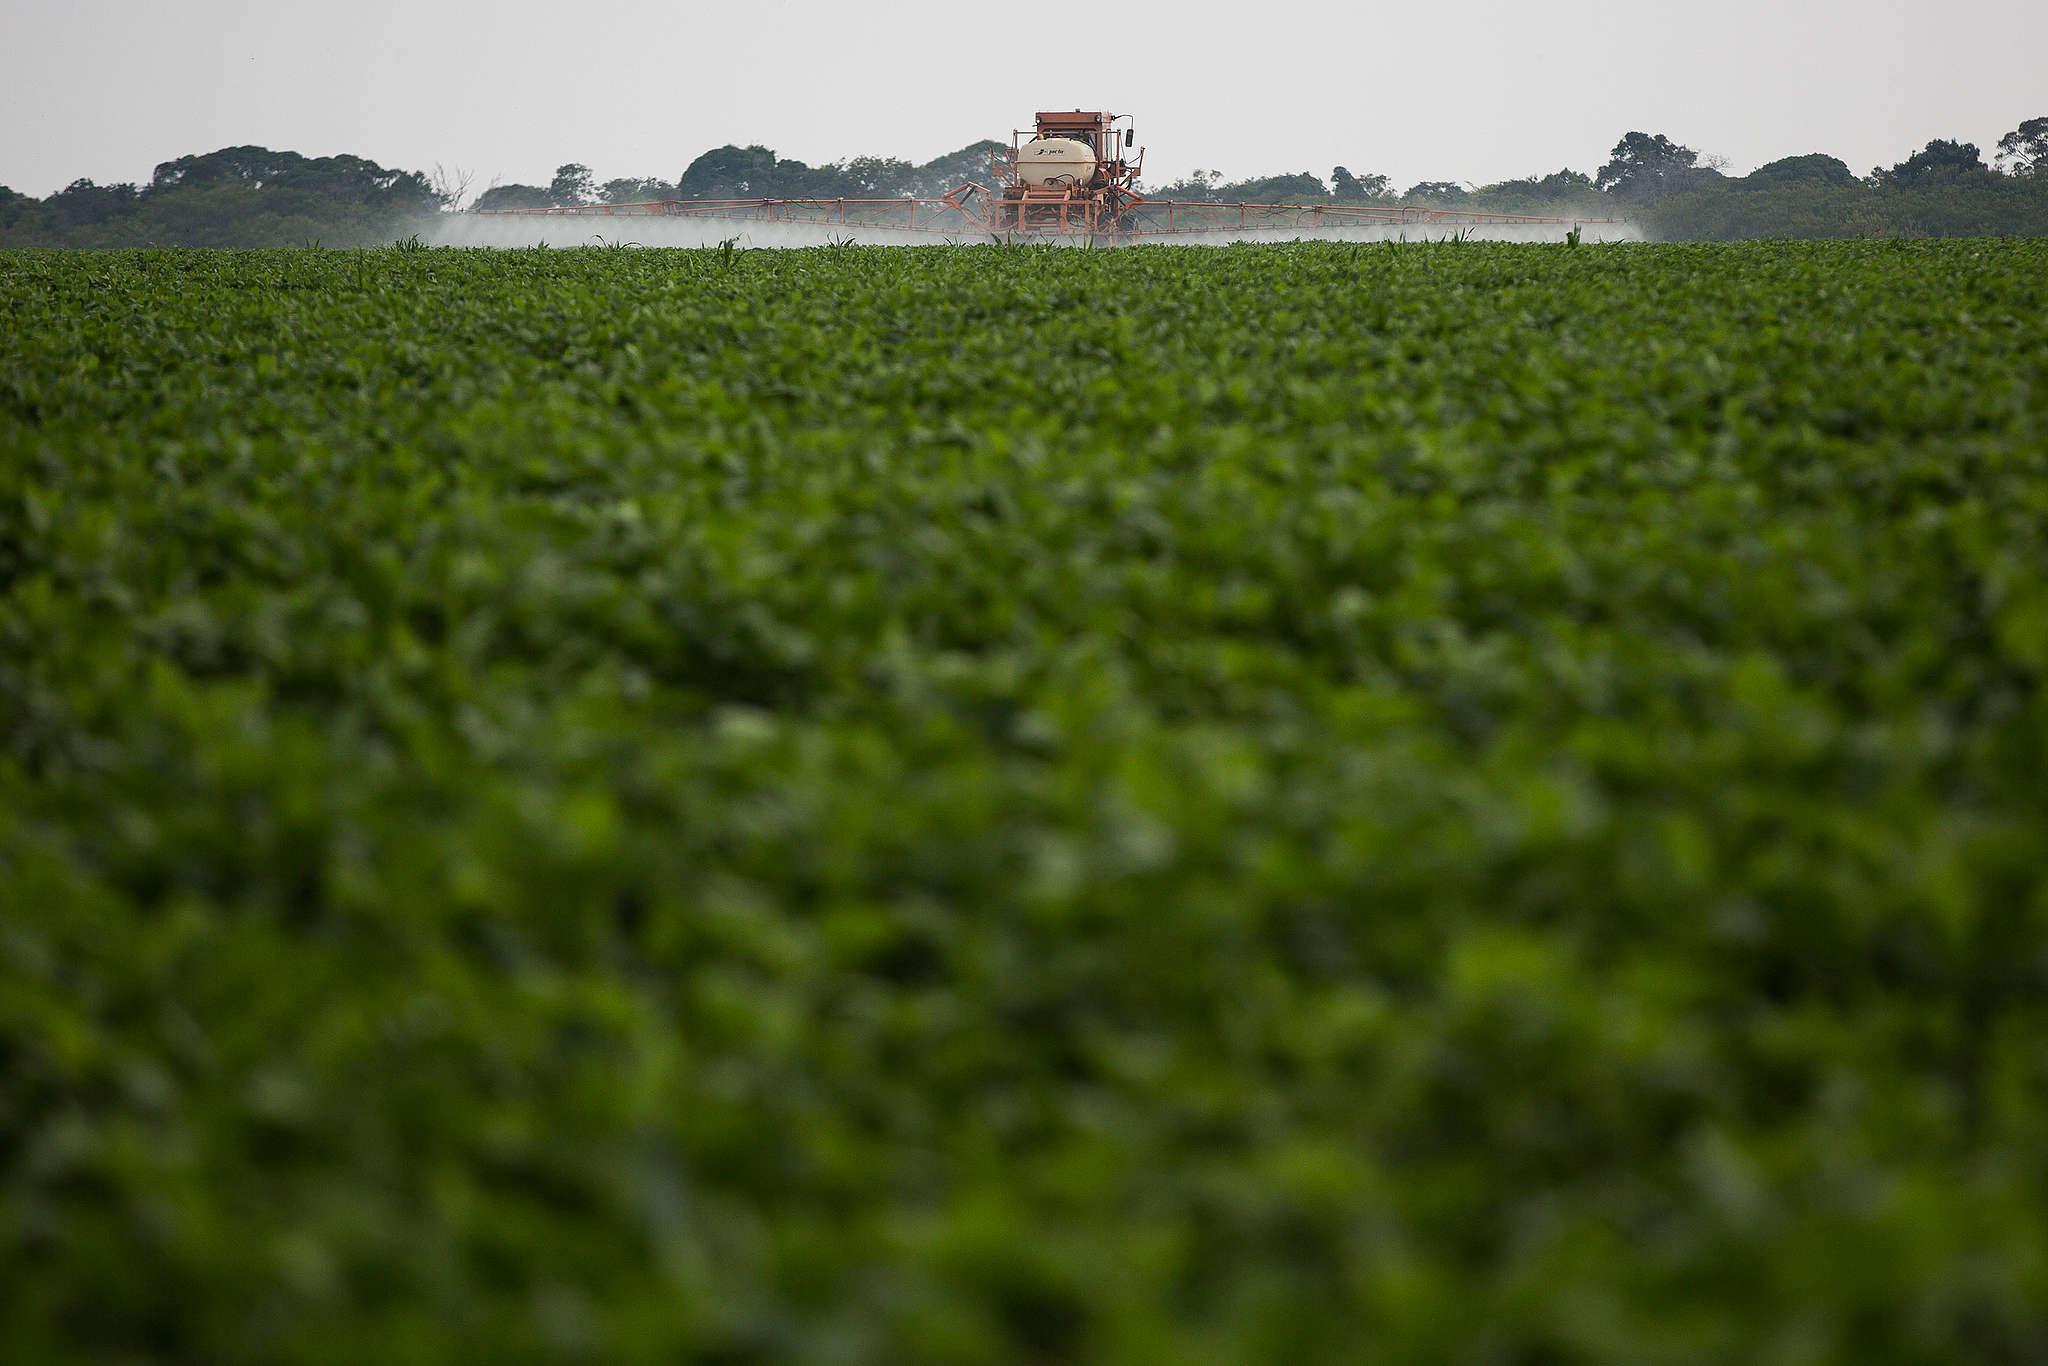 Lavroura sendo irrigada com agrotóxicos